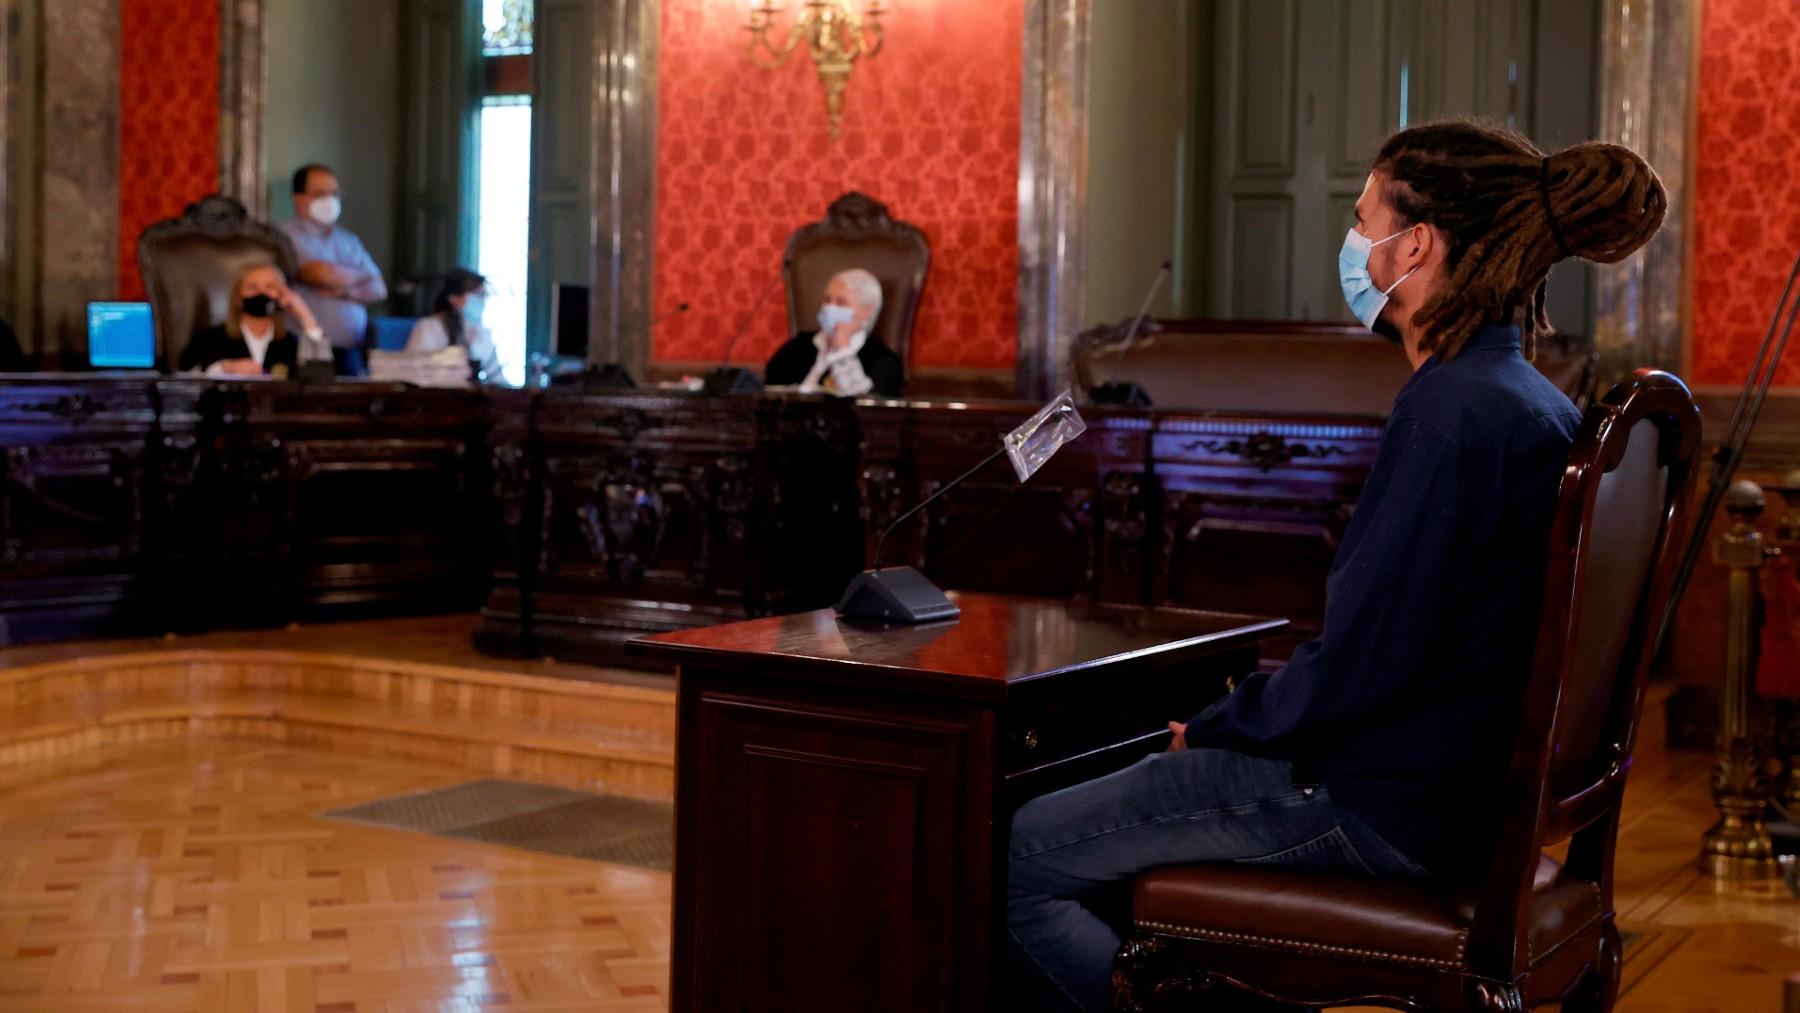 El ex secretario de Organización de Podemos, Alberto Rodríguez, durante su juicio en el Tribunal Supremo. (Foto: Efe)